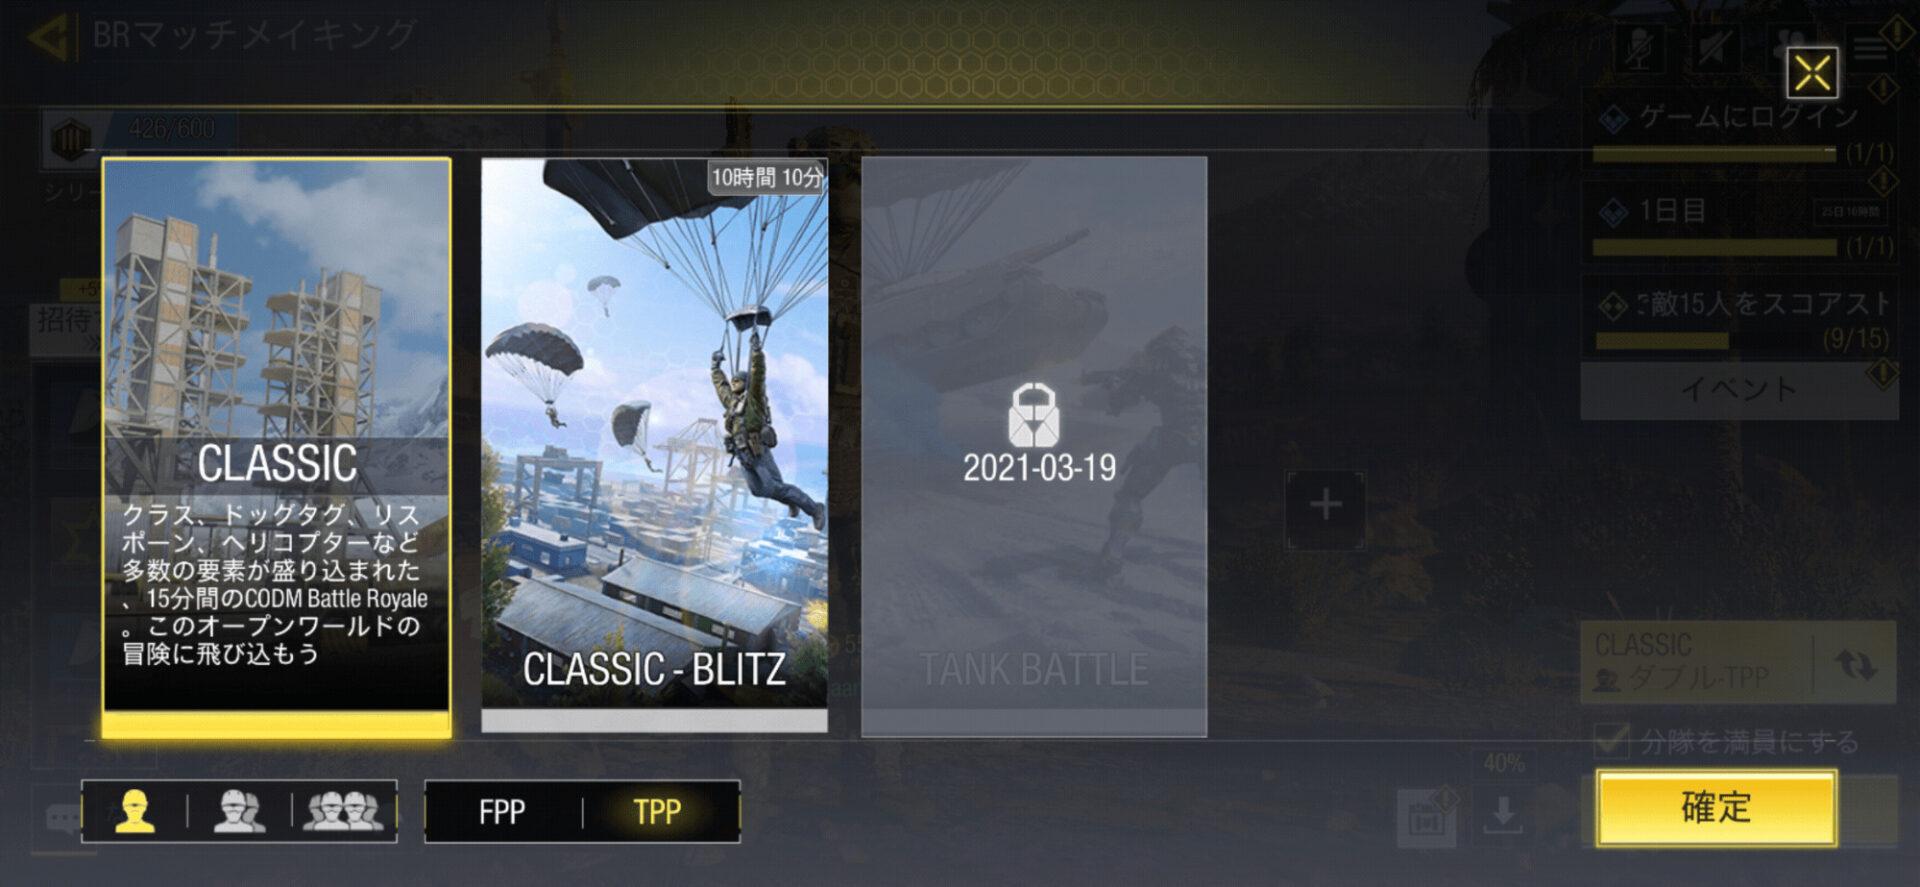 Call of Duty®: Mobileのバトルロイヤルでプレイ人数やステージ、ゲームモードを選択している様子